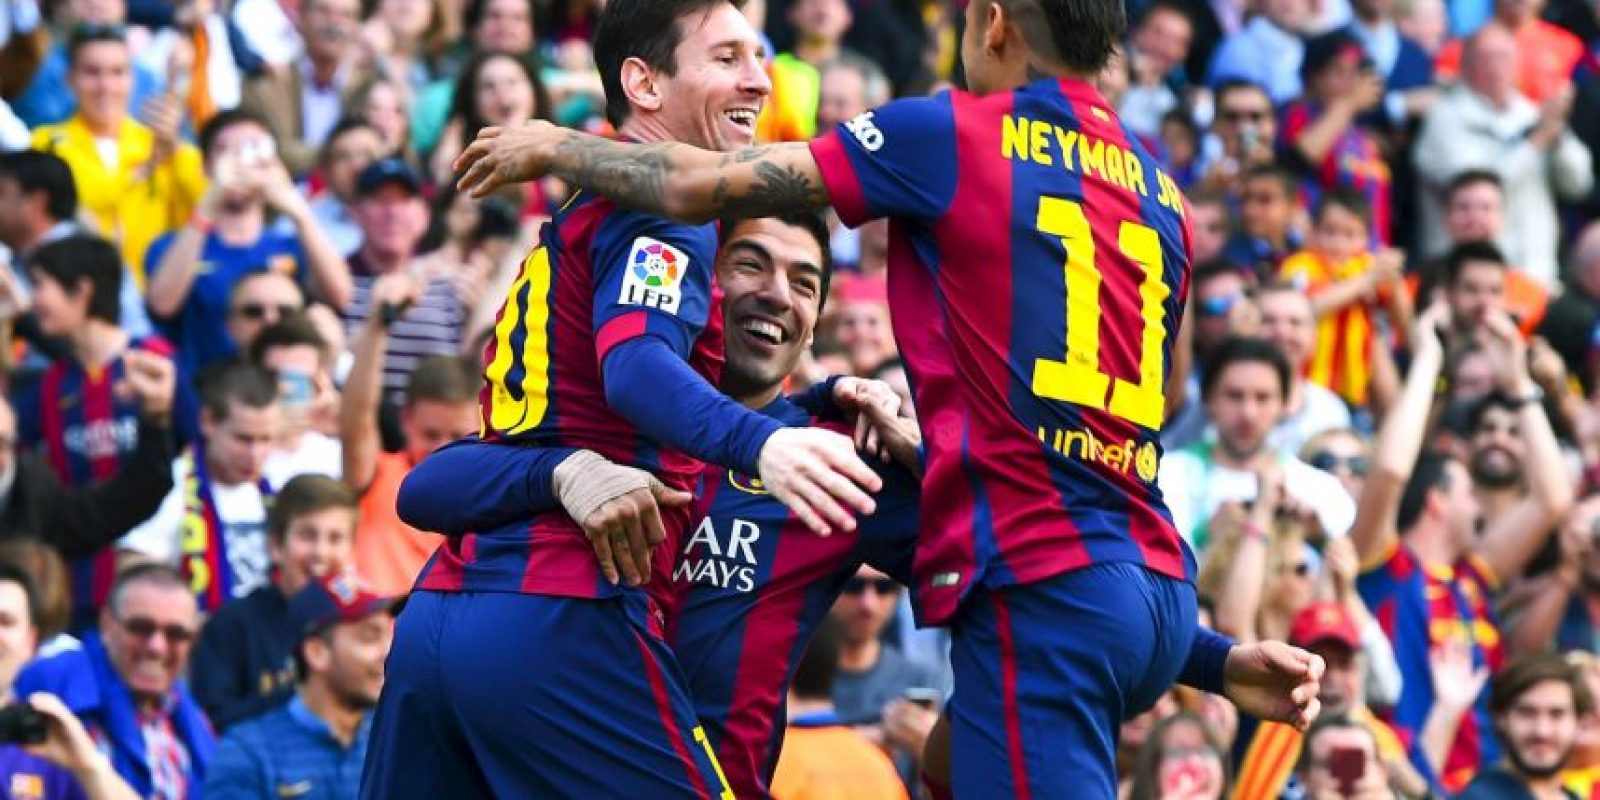 A los tres futbolistas les quedan al menos siete partidos para seguir marcando (podrían ser ocho si llegan a la final de la Champions League). Foto:Getty Images